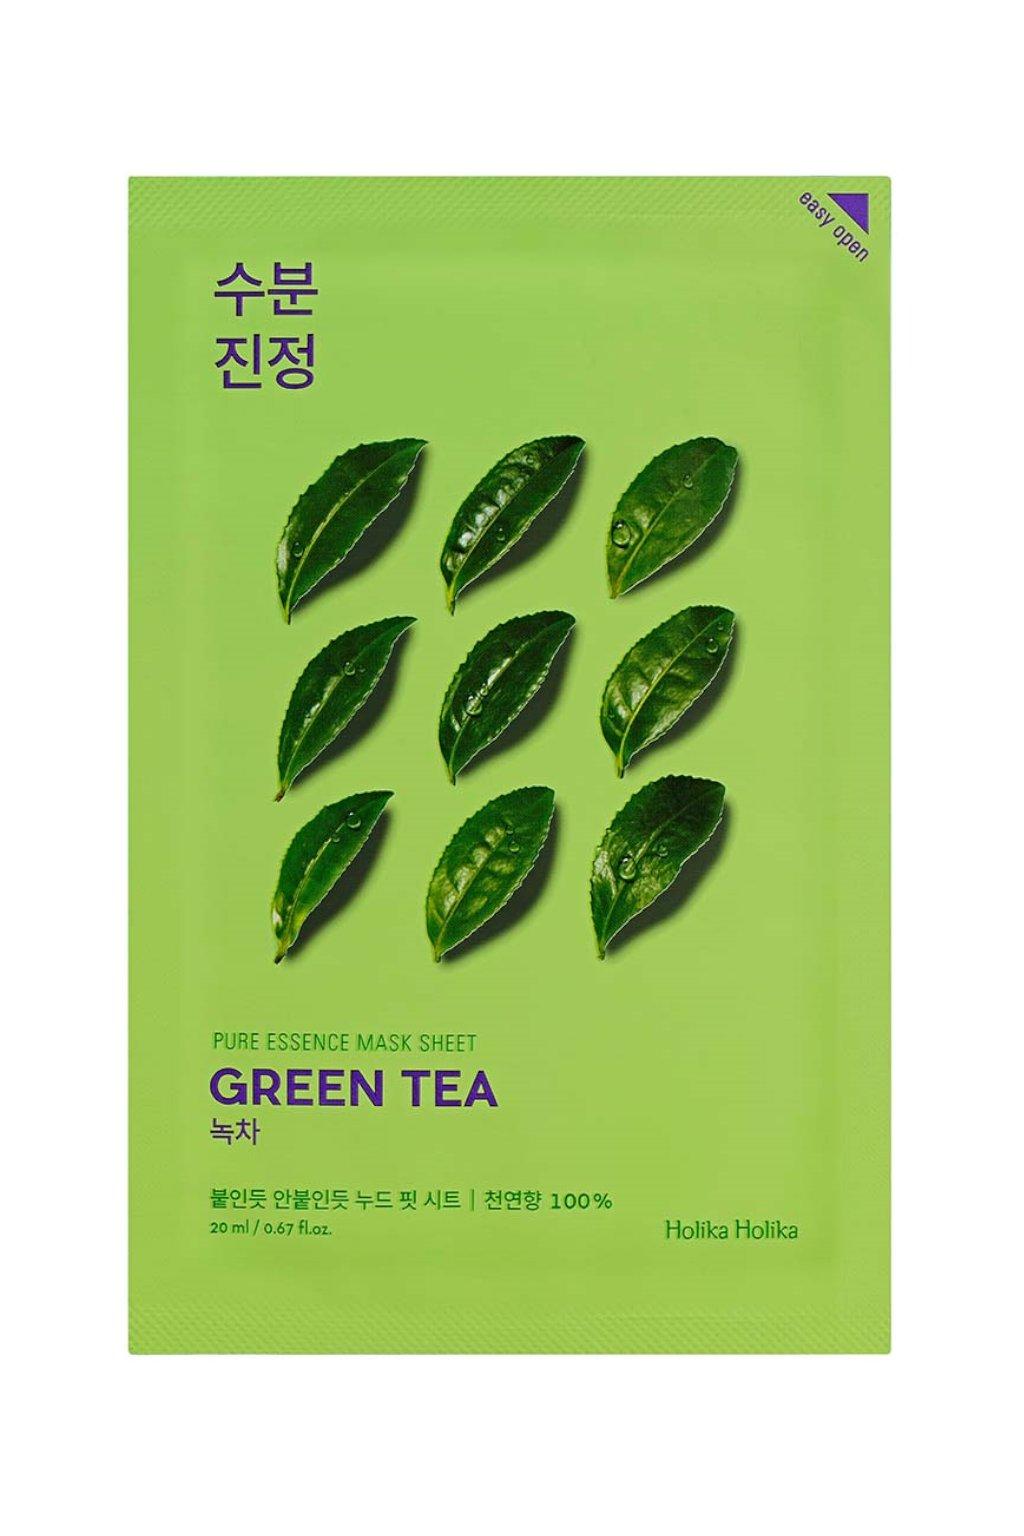 Holika Holika Pure Essence Green Tea Mask